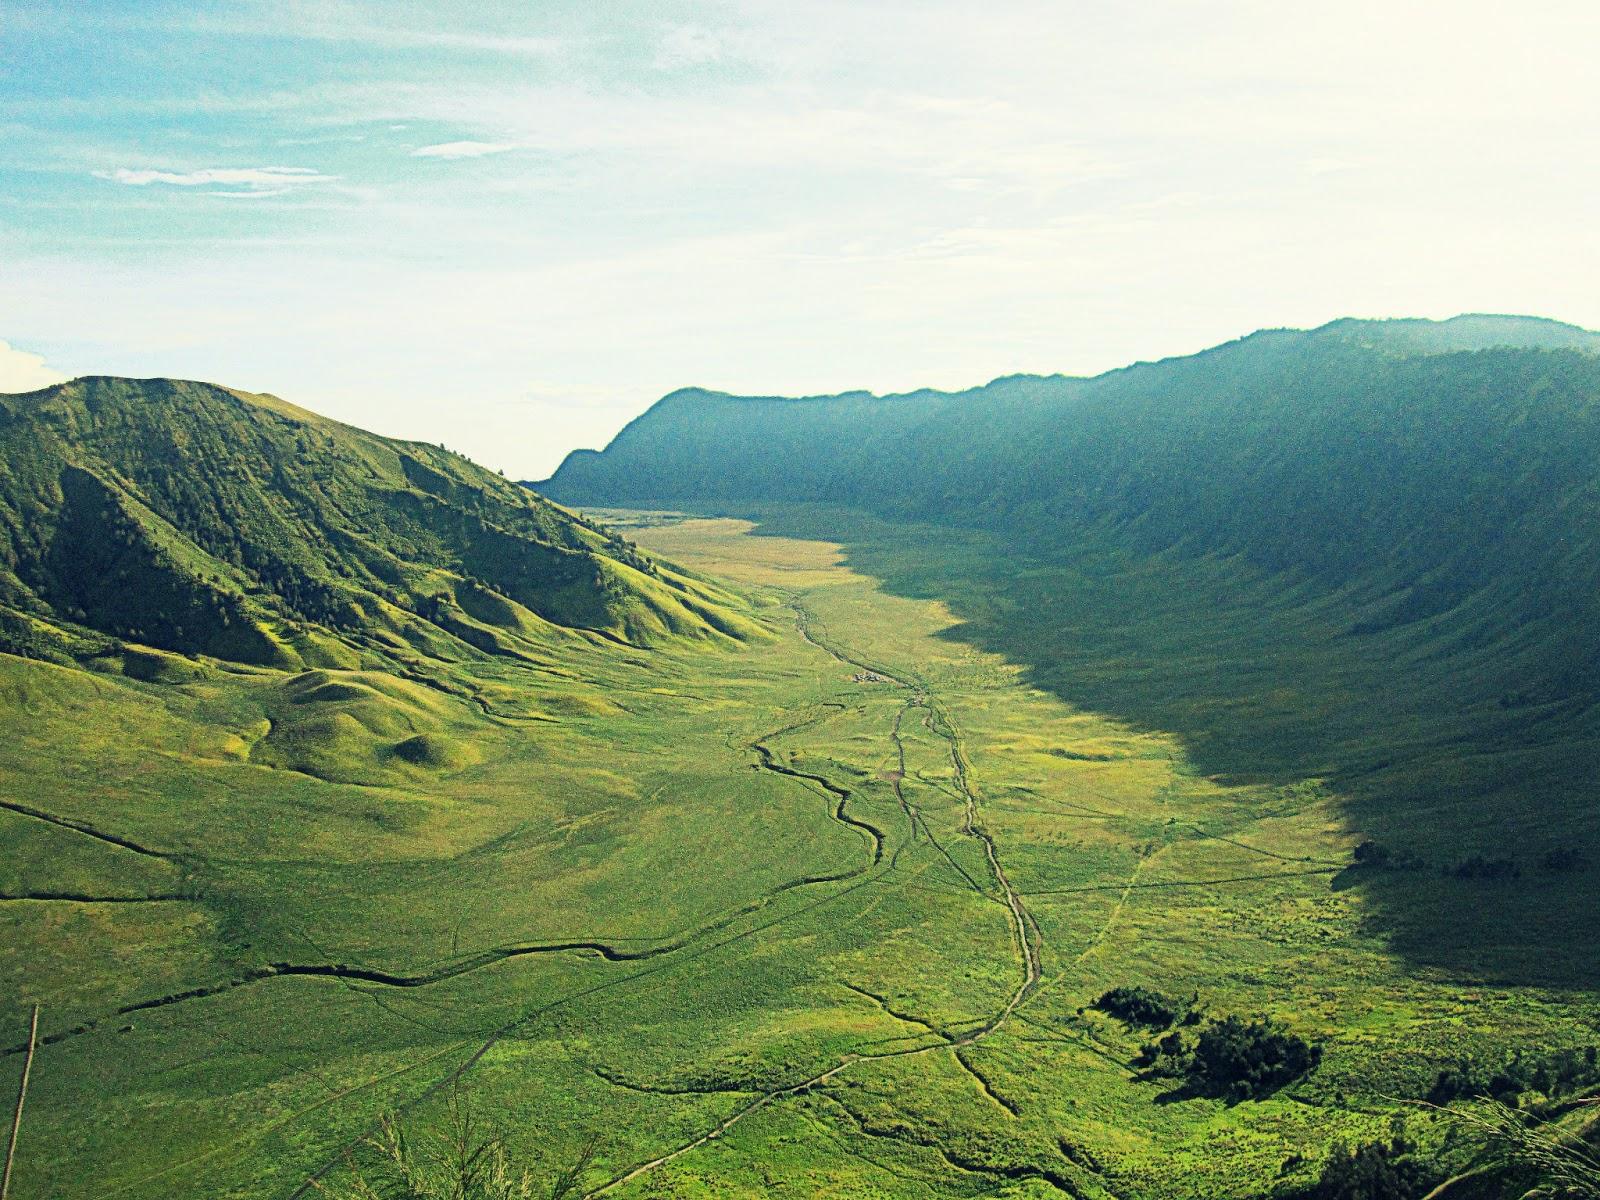 Lembah Jemplang Bromo Mountain